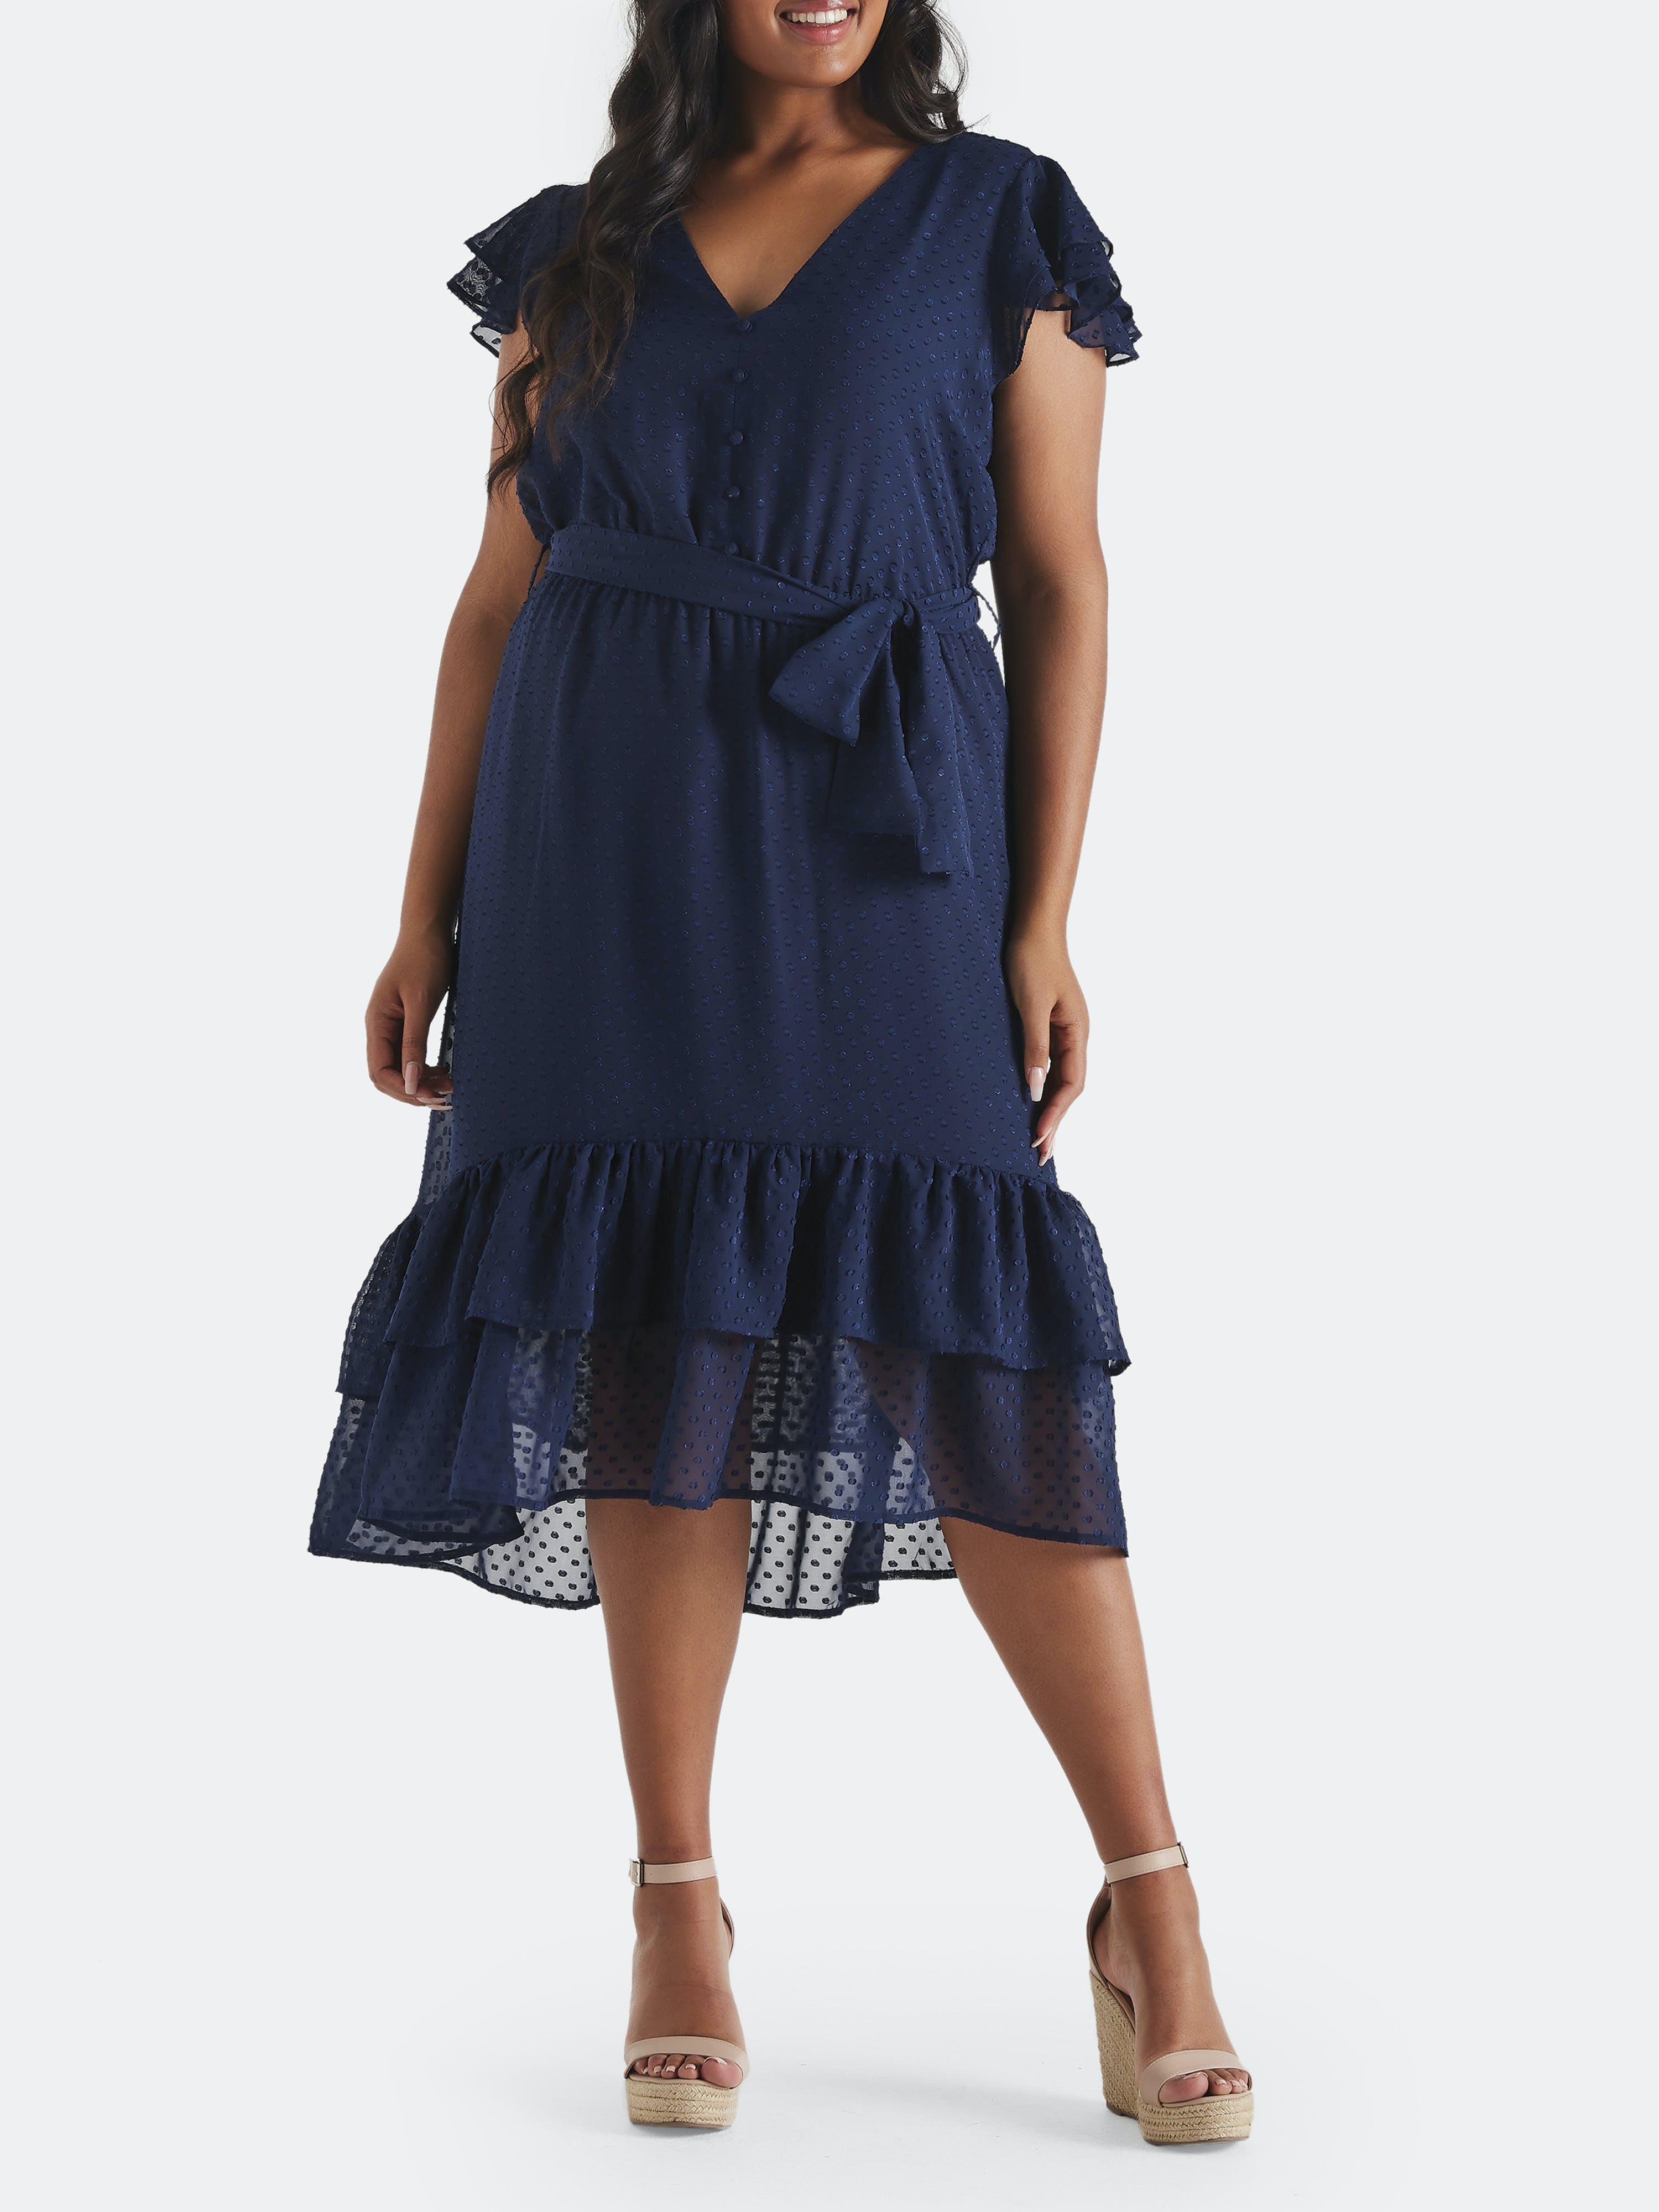 Estelle ESTELLE GLIMMER DRESS